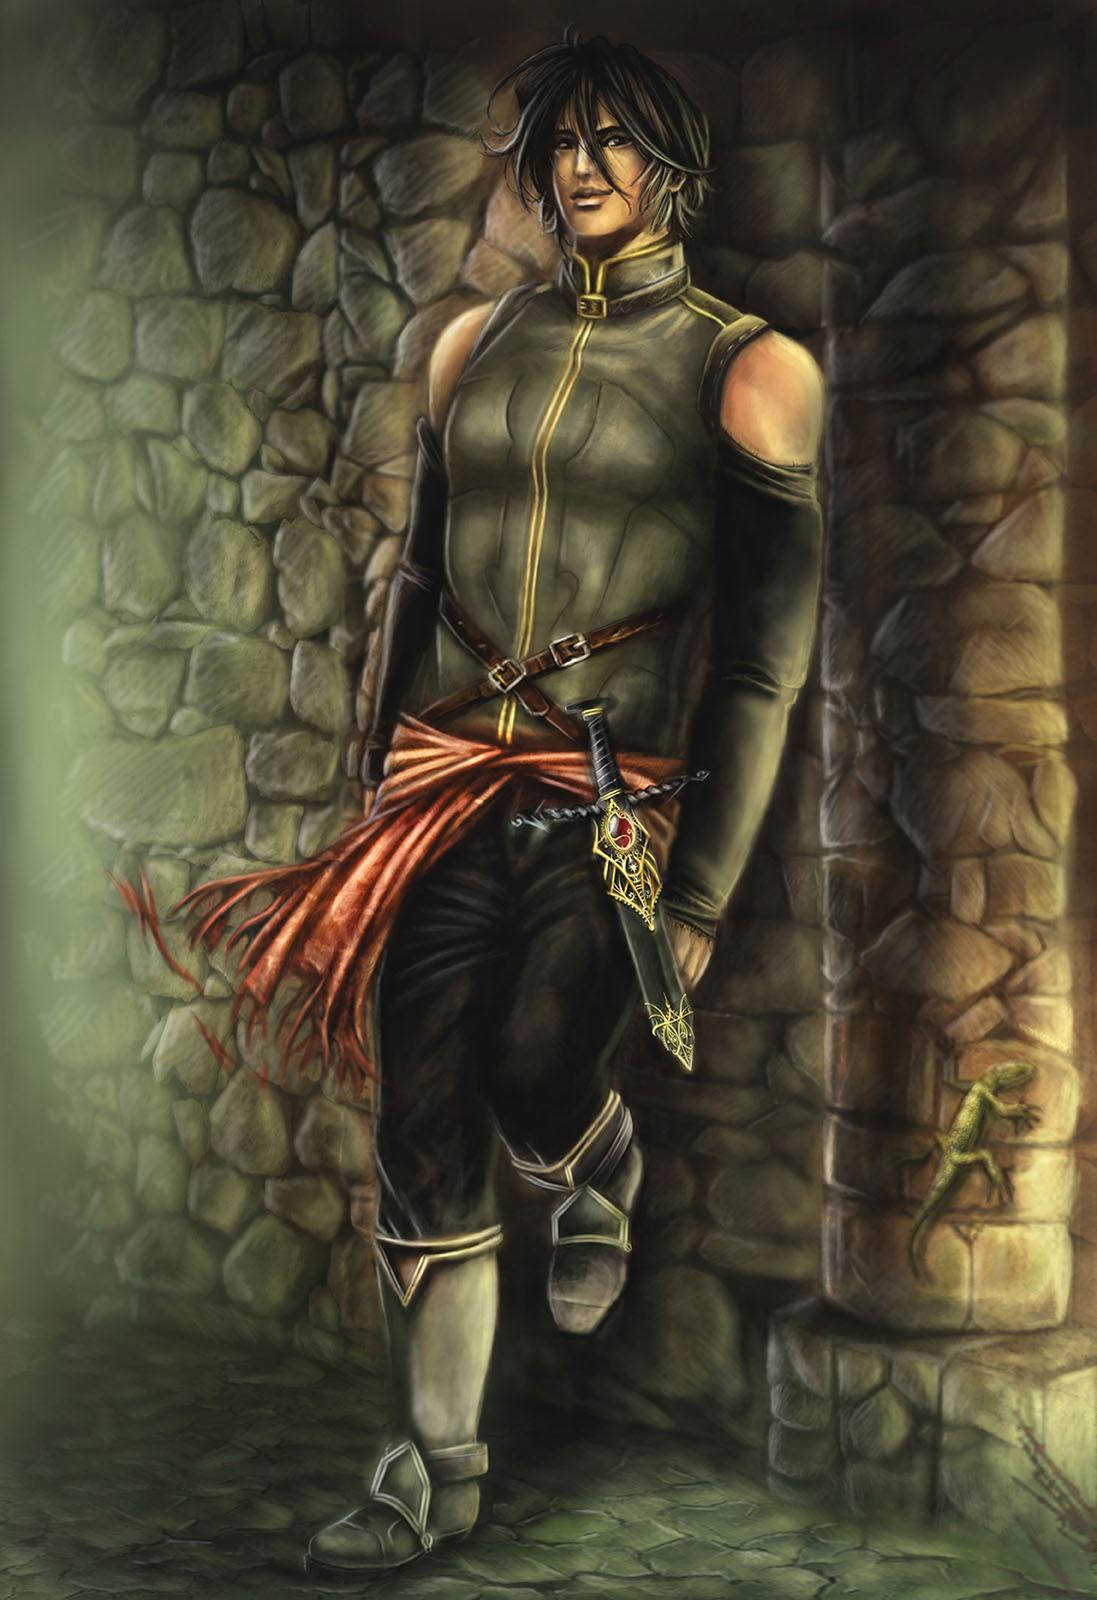 Immagine di Elamar - Illustrazione fantasy tratta da I Guerrieri d'argento - Le Cronache dei 5 Regni - Elvio Ravasio, autore di libri fantasy